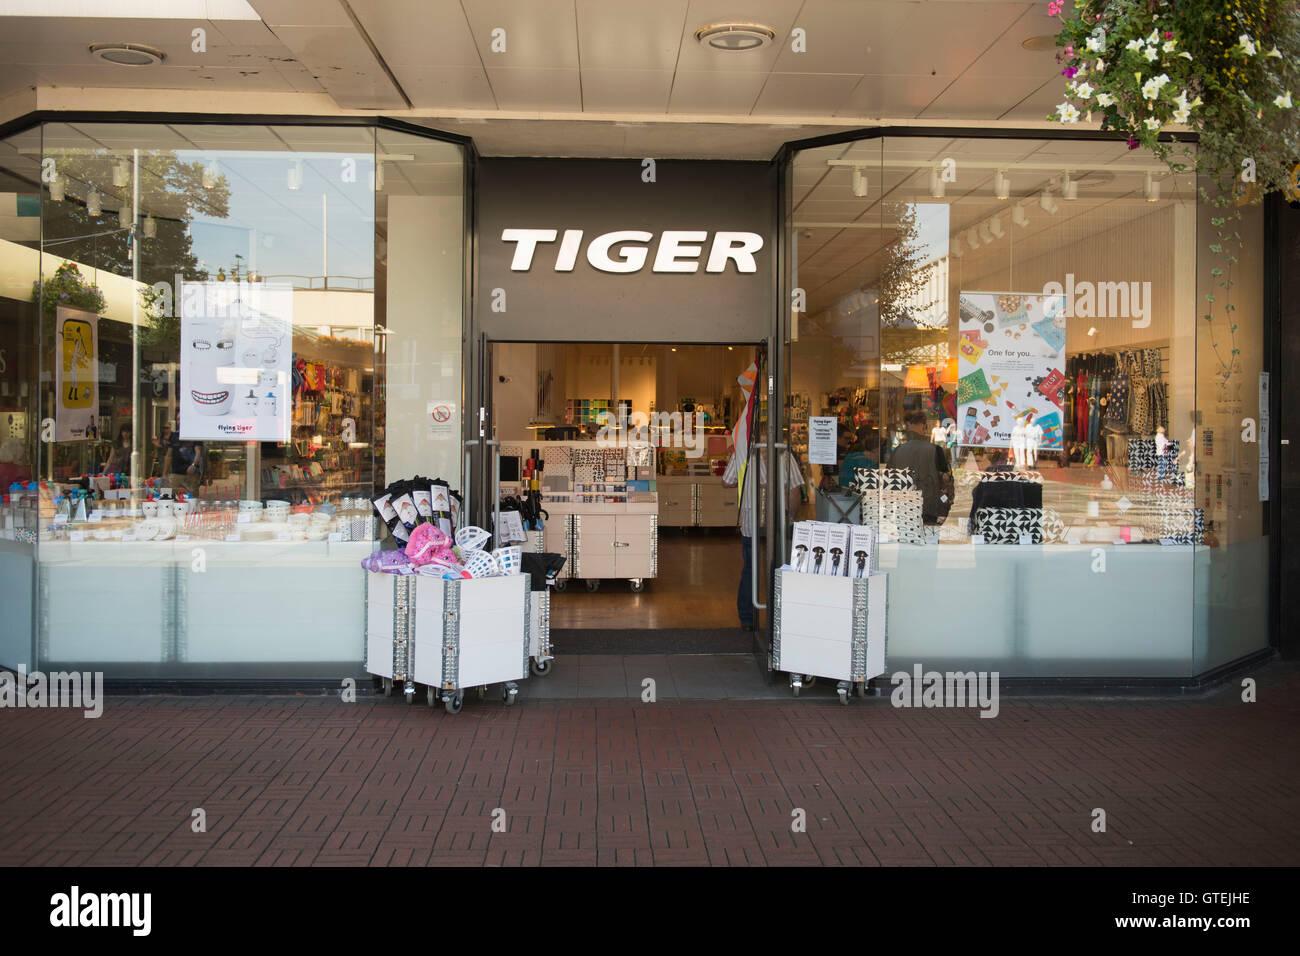 Tiger store segno esterno logo in Cwmbran, nel Galles del Sud. Immagini Stock